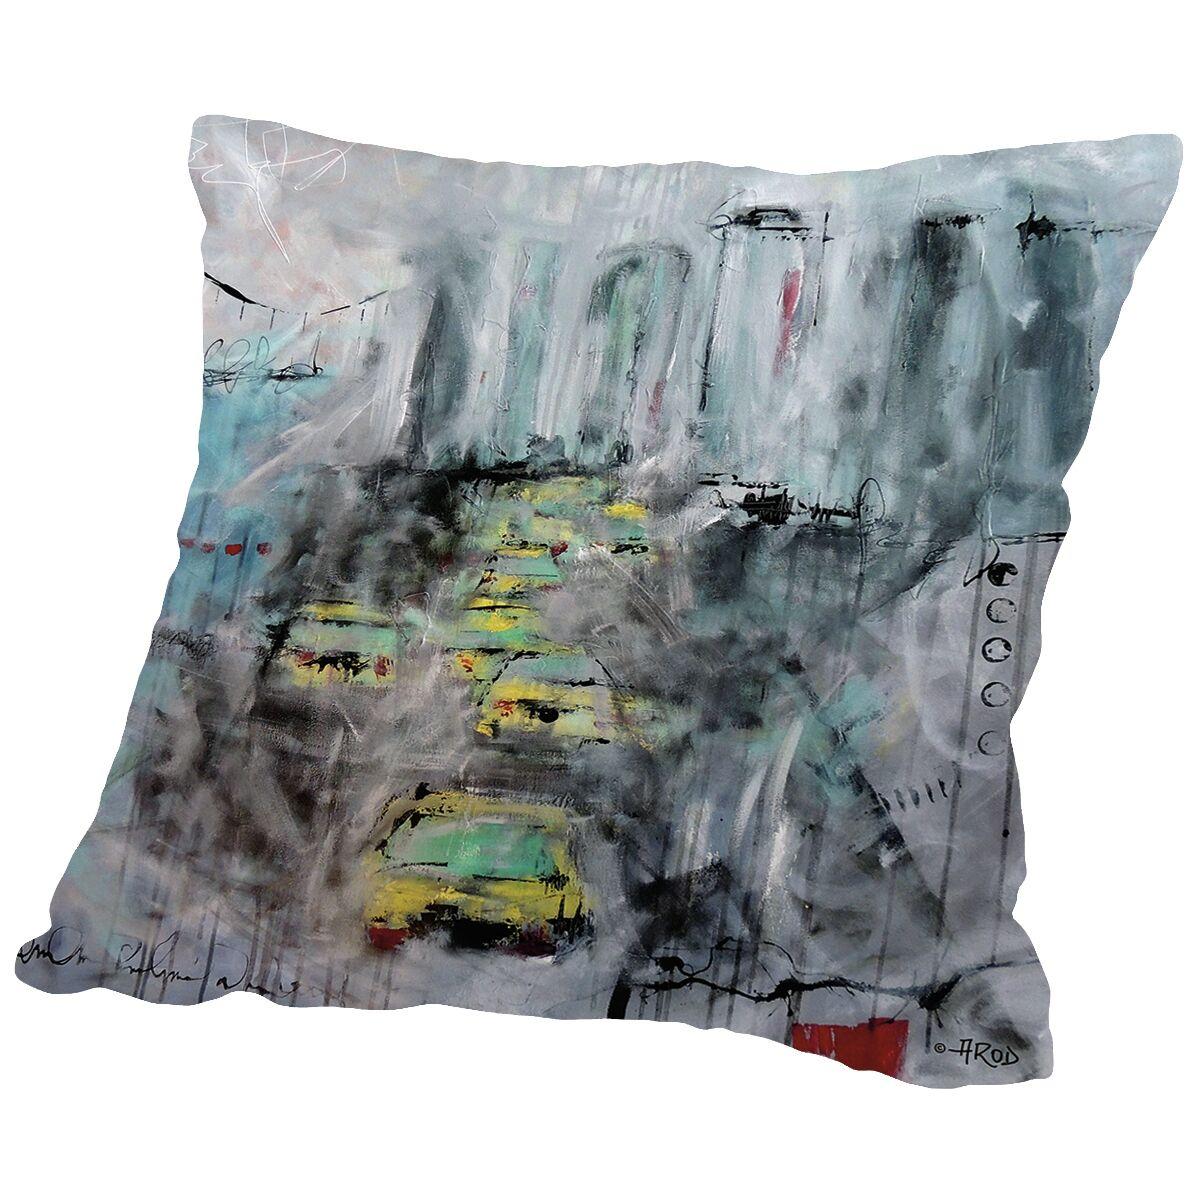 Urbanite-U 5 Throw Pillow Size: 16